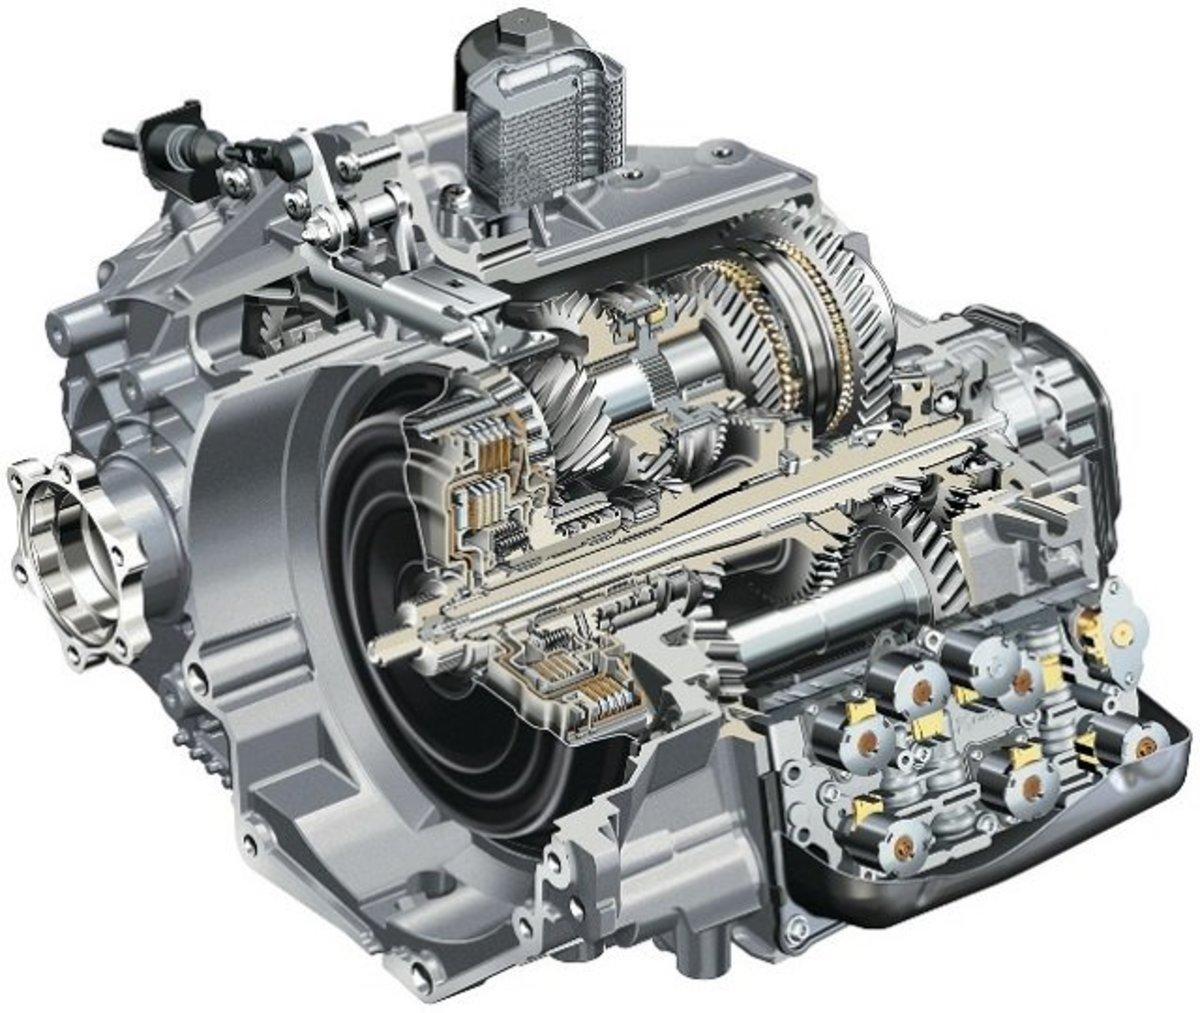 A cutaway image of a dual clutch transmission.